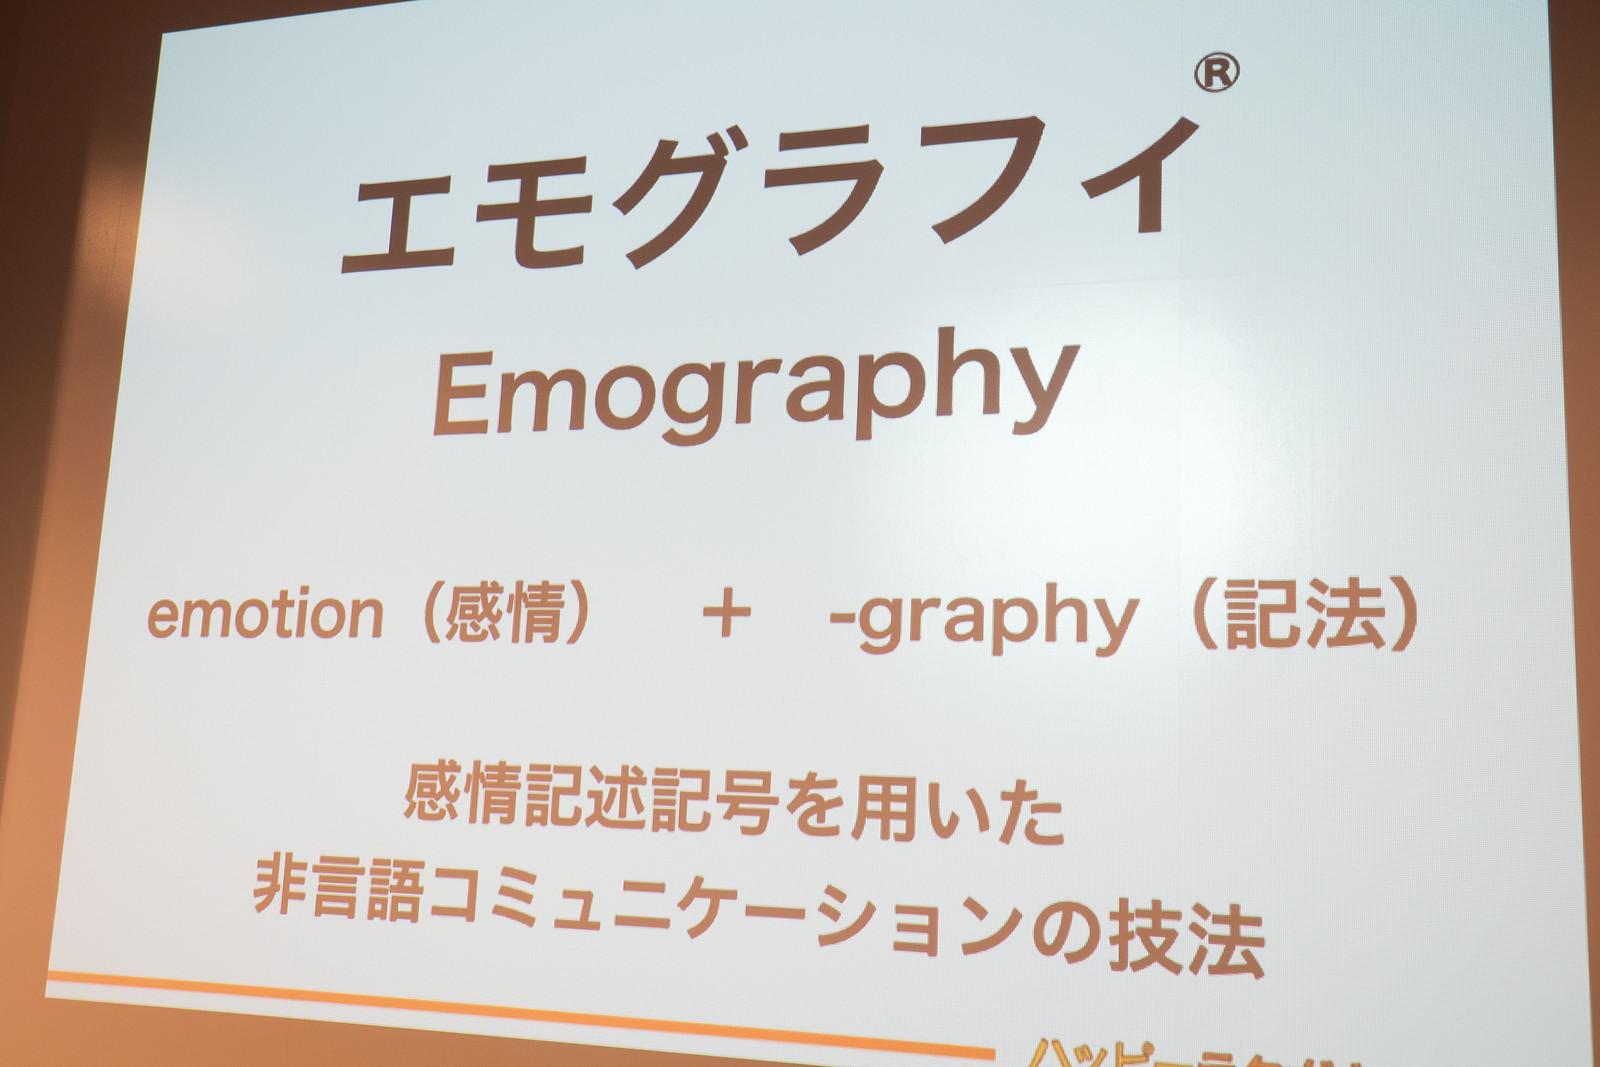 emography-dialogue01-18